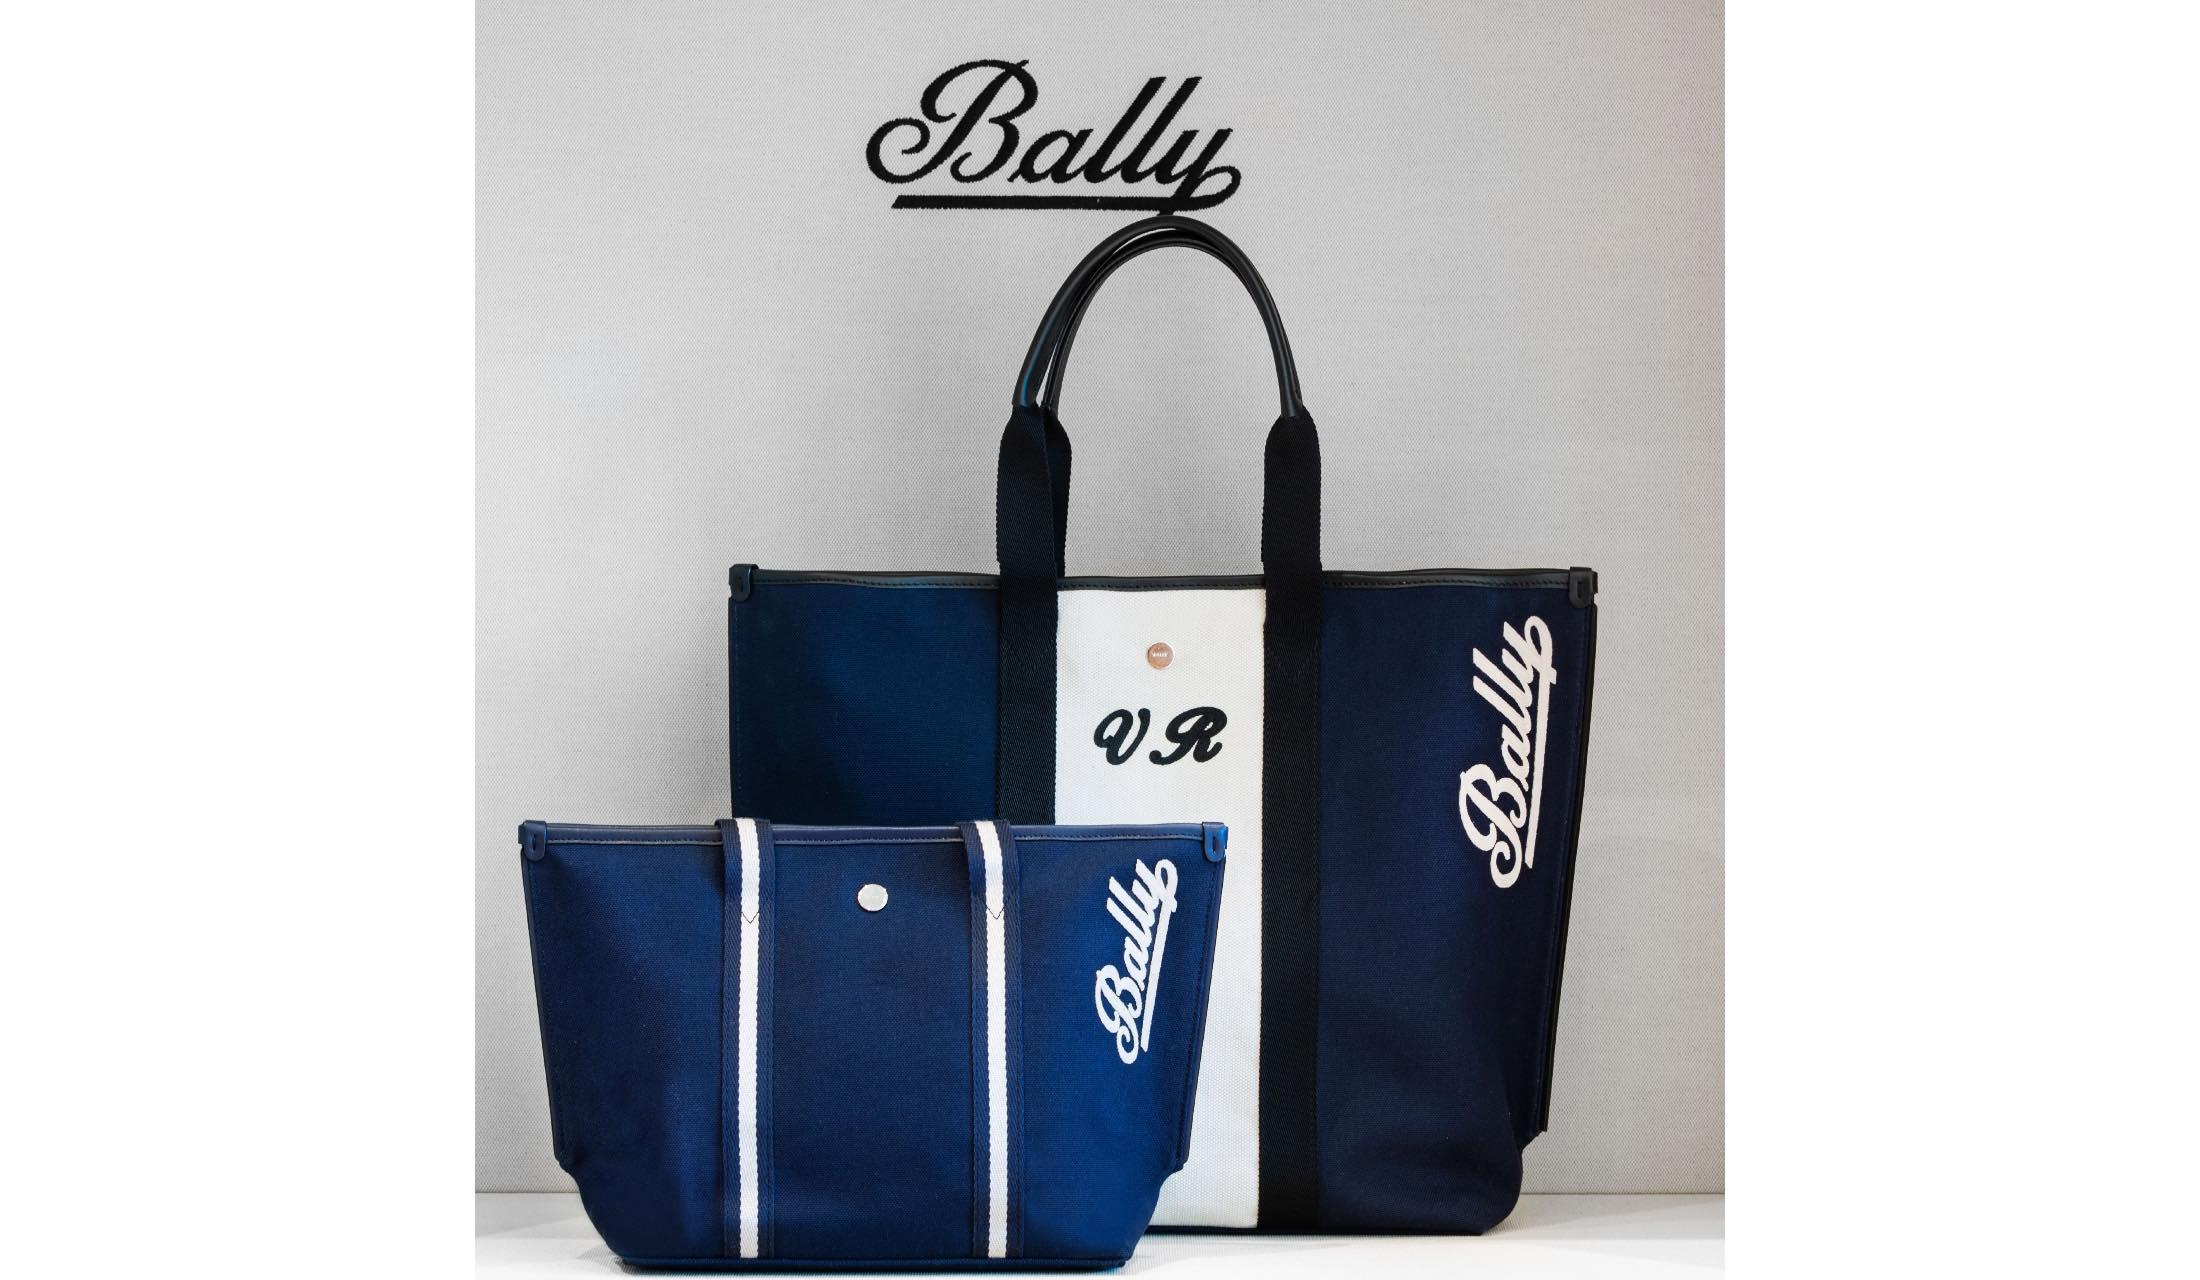 イニシャルを刻印できるBALLY(バリー) のキャンバスバッグ